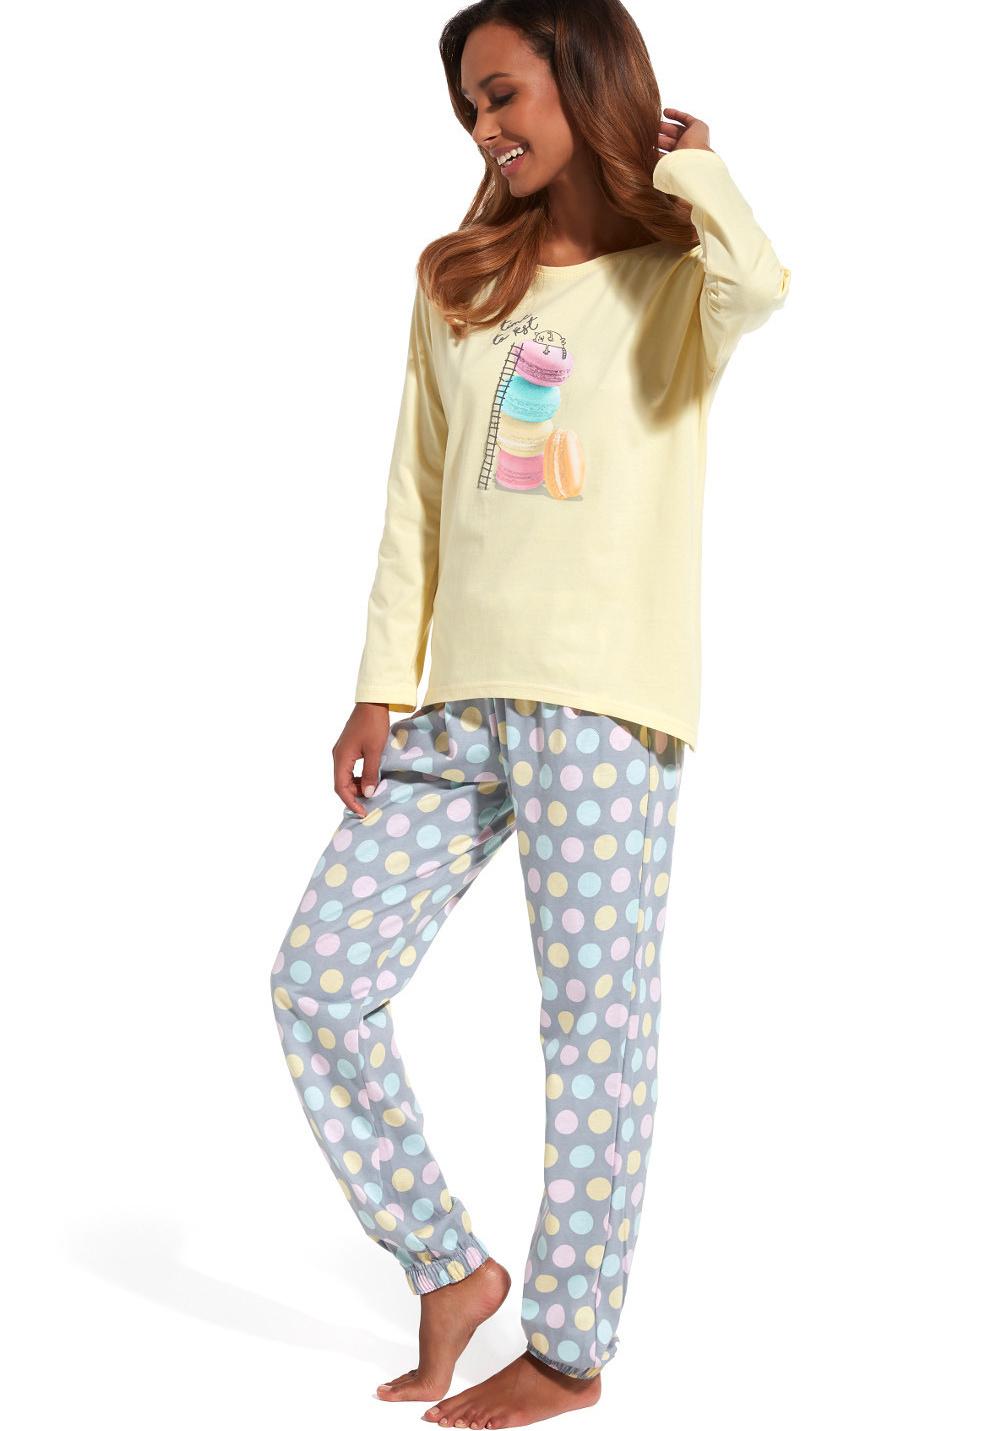 Dámské pyžamo Cornette 625/124 S Dle obrázku